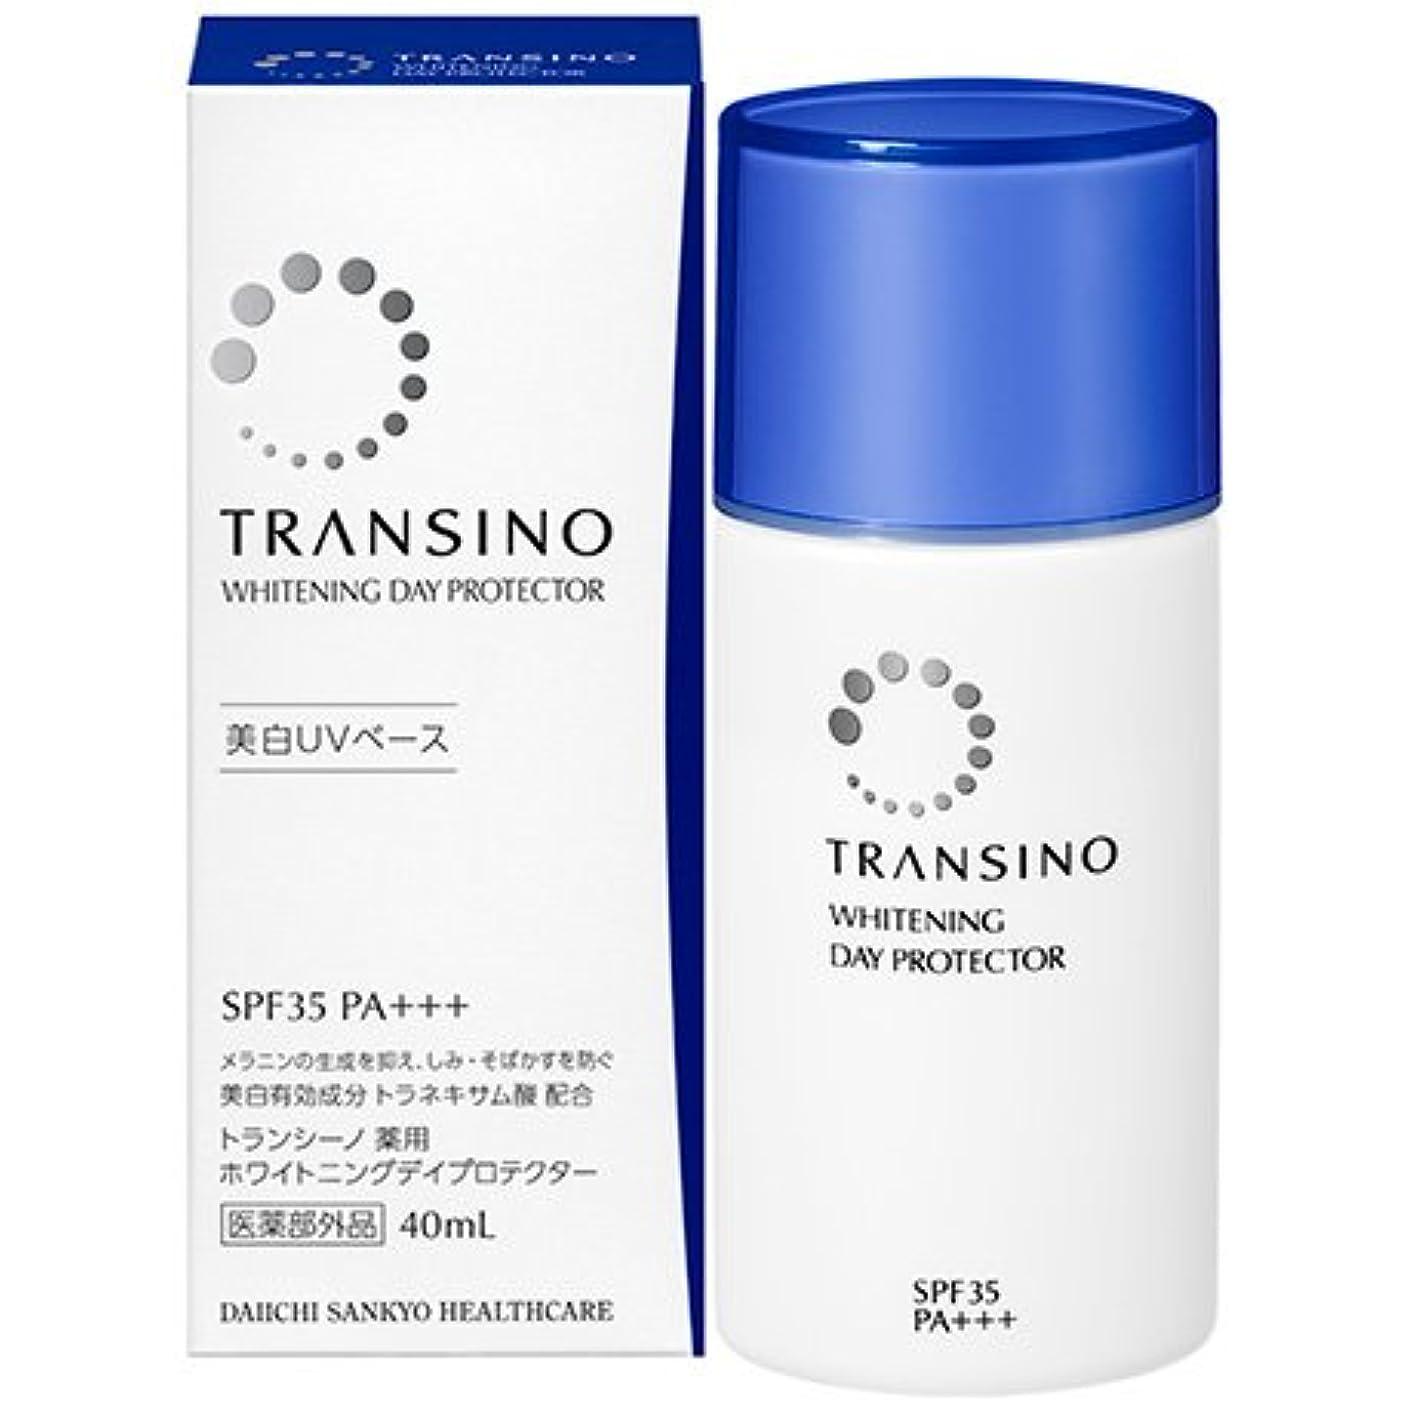 照らす特性きょうだいトランシーノ 薬用ホワイトニングデイプロテクター 40ml SPF35?PA+++ [並行輸入品]